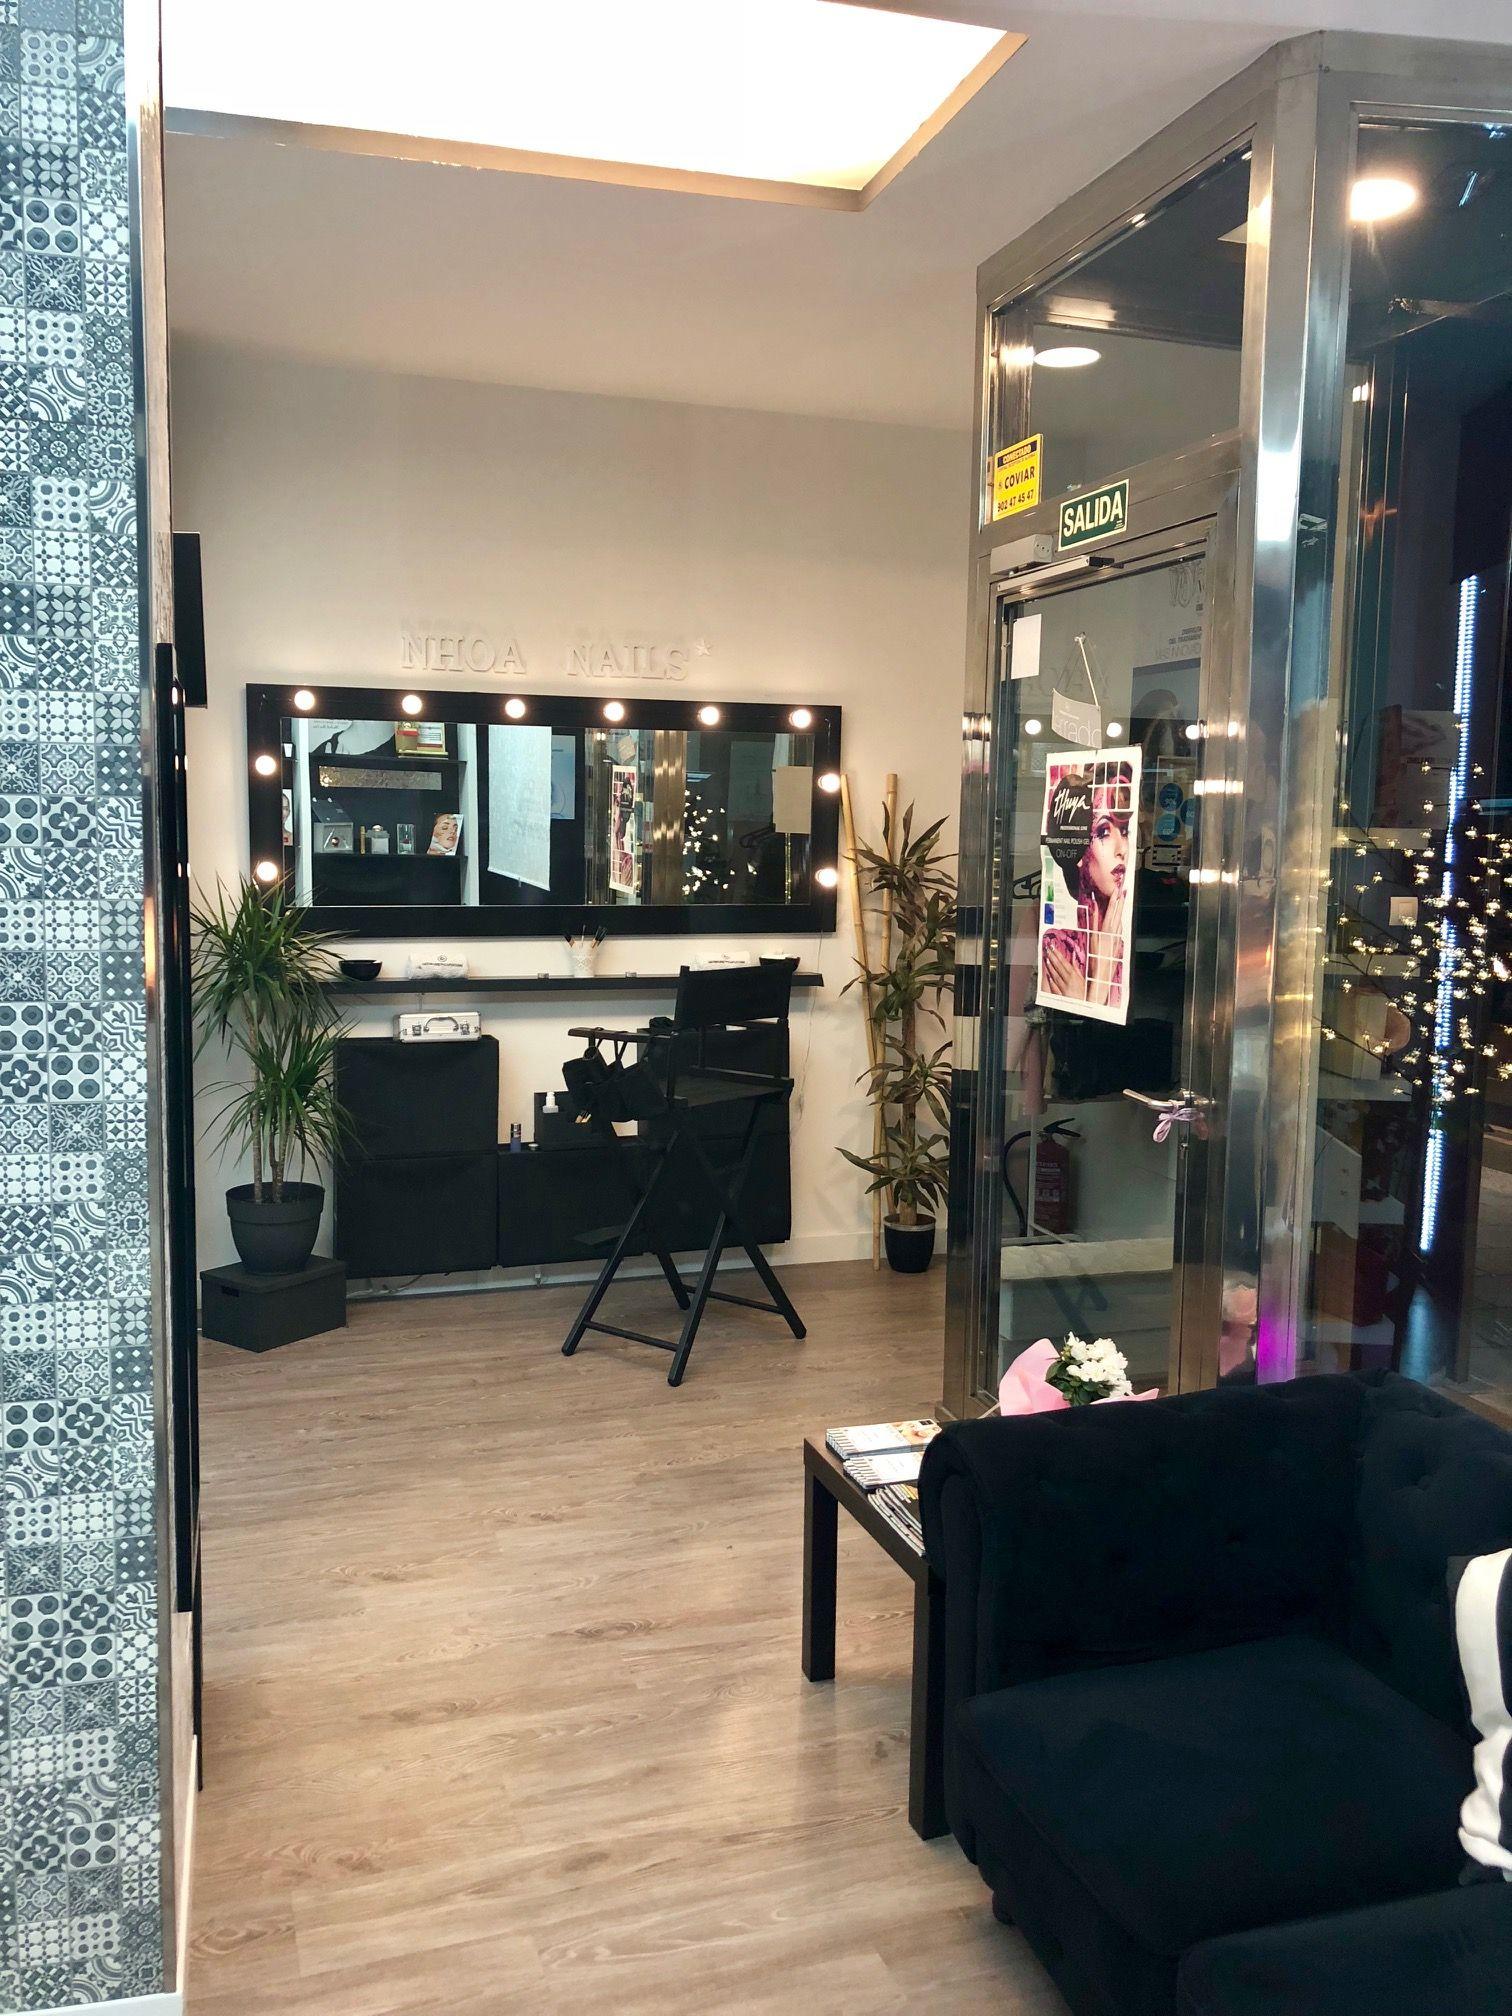 Centro de belleza Zaragoza